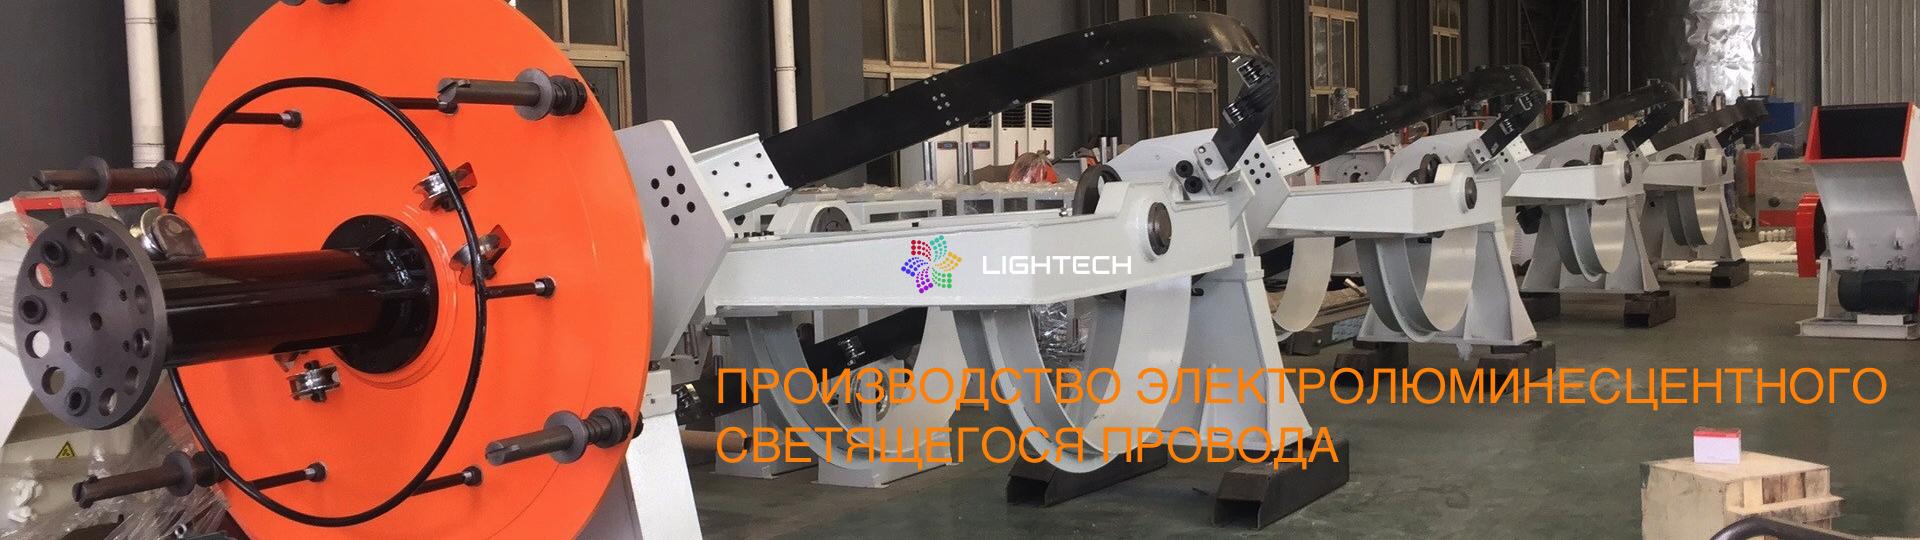 Производство и дистрибуция электролюминесцентного светящийся провода